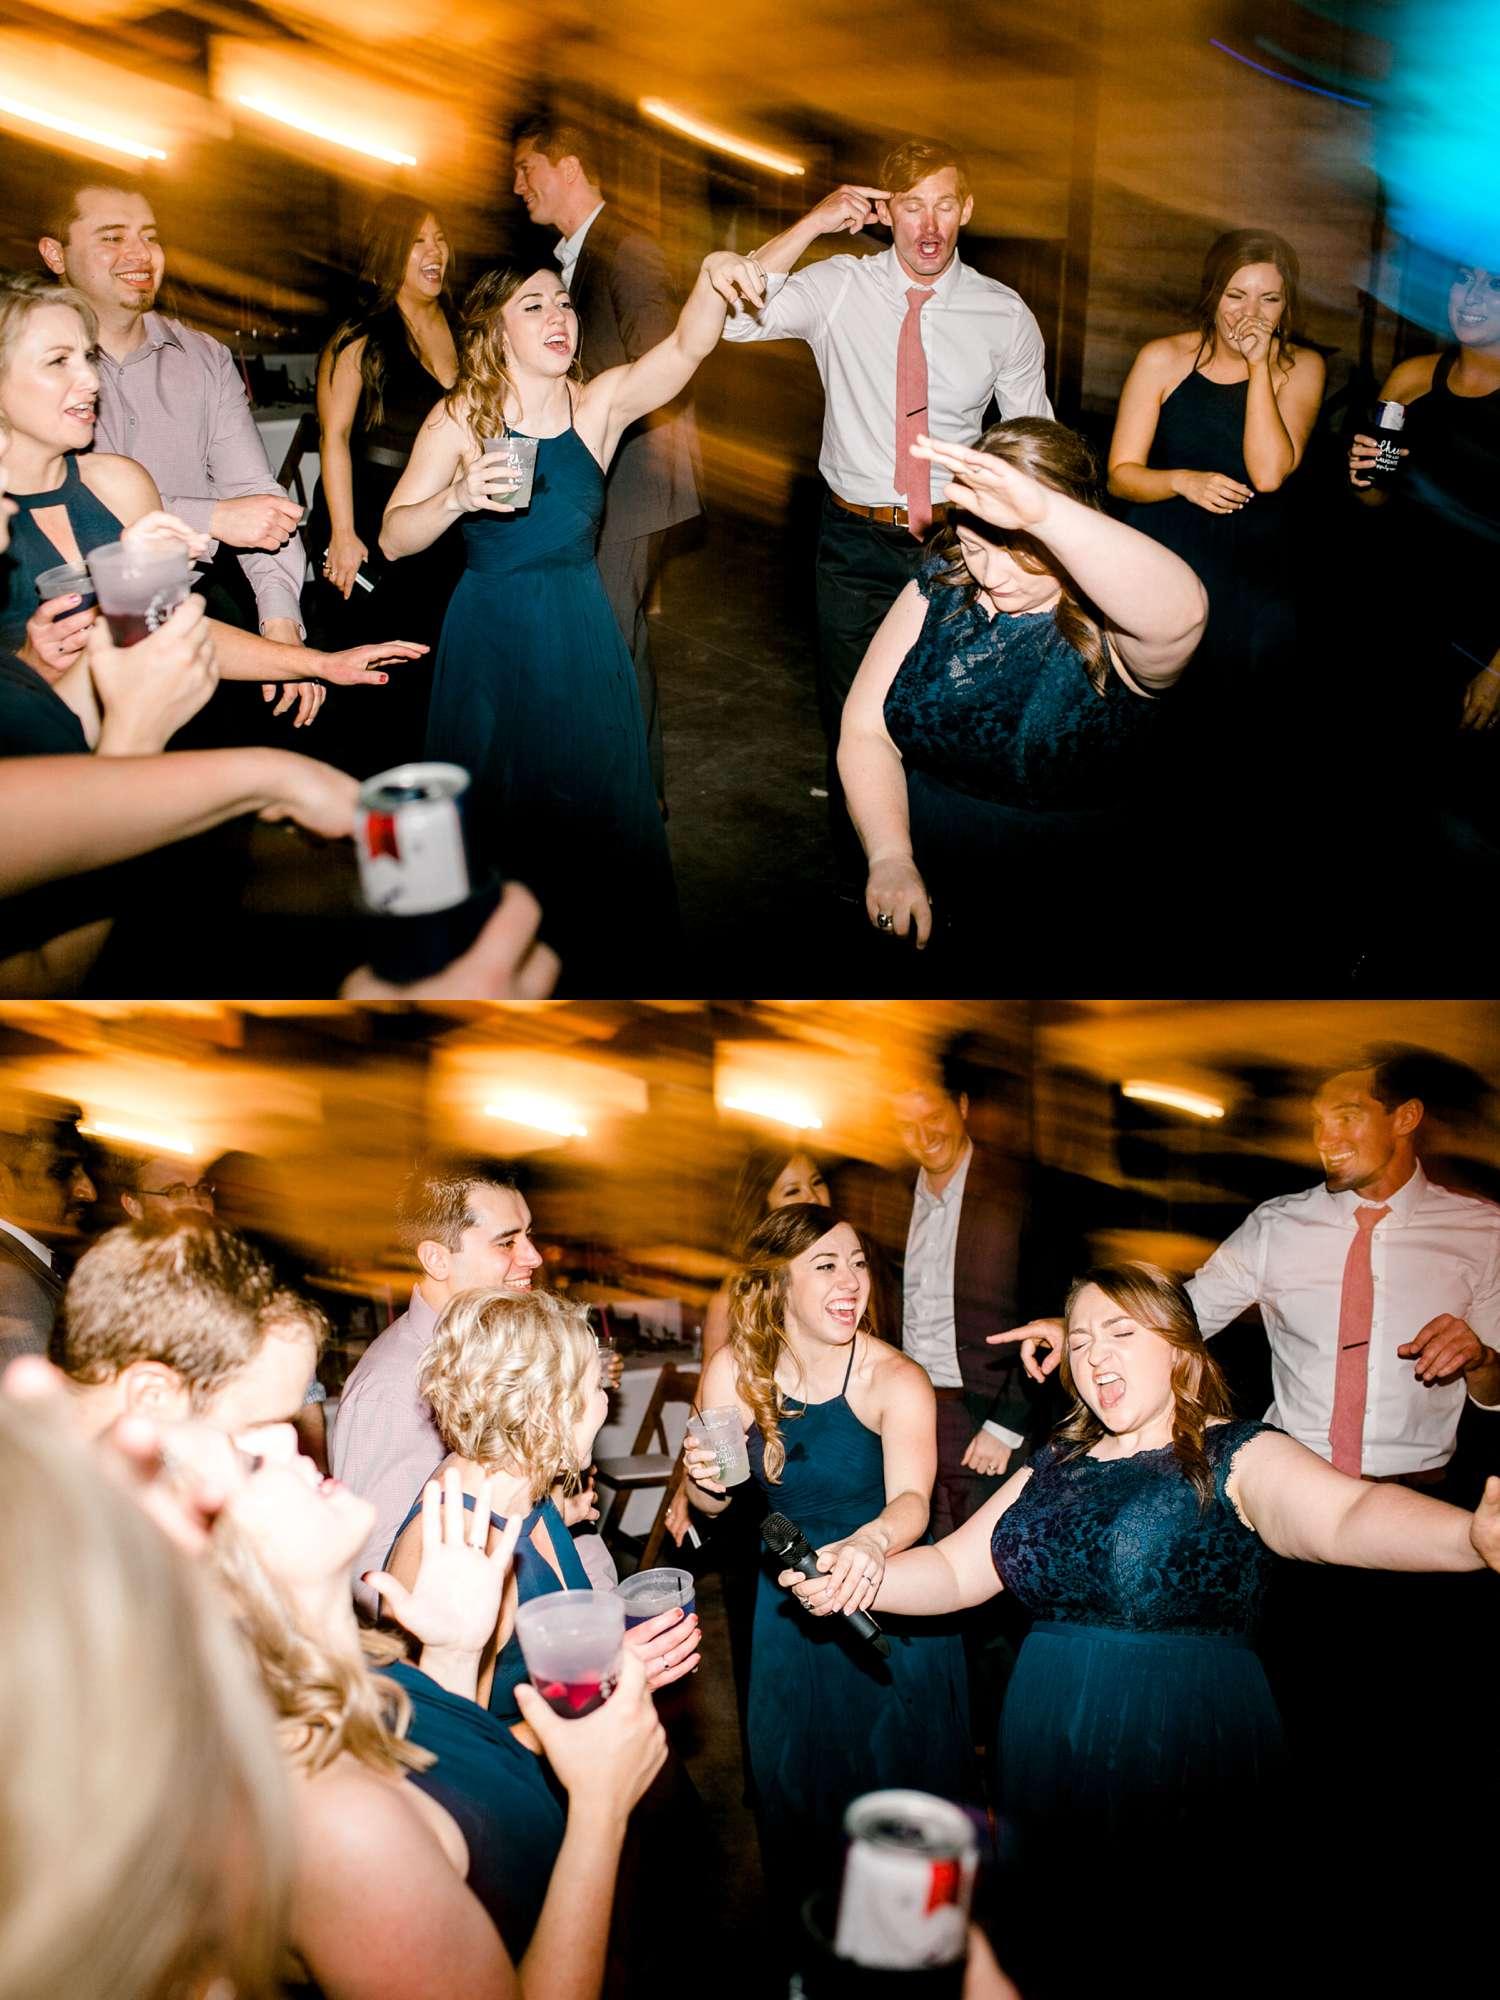 TIMMI+JORDAN_IRVINE_EBERLEY_BROOKS_EVENTS_ALLEEJ_WEDDINGS_0158.jpg